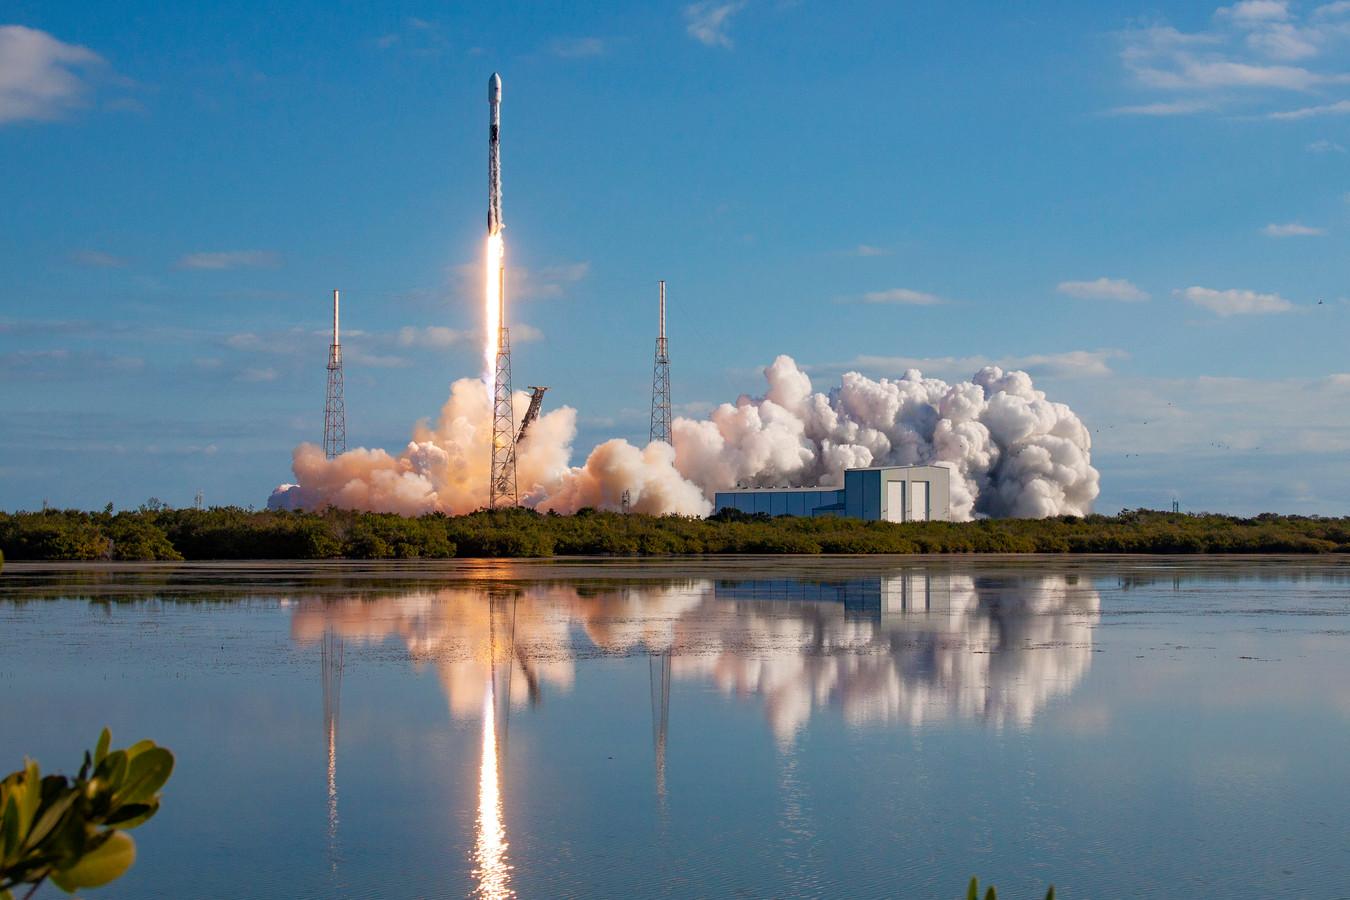 Een eerdere lancering van Starlink satellieten, in januari 2020.